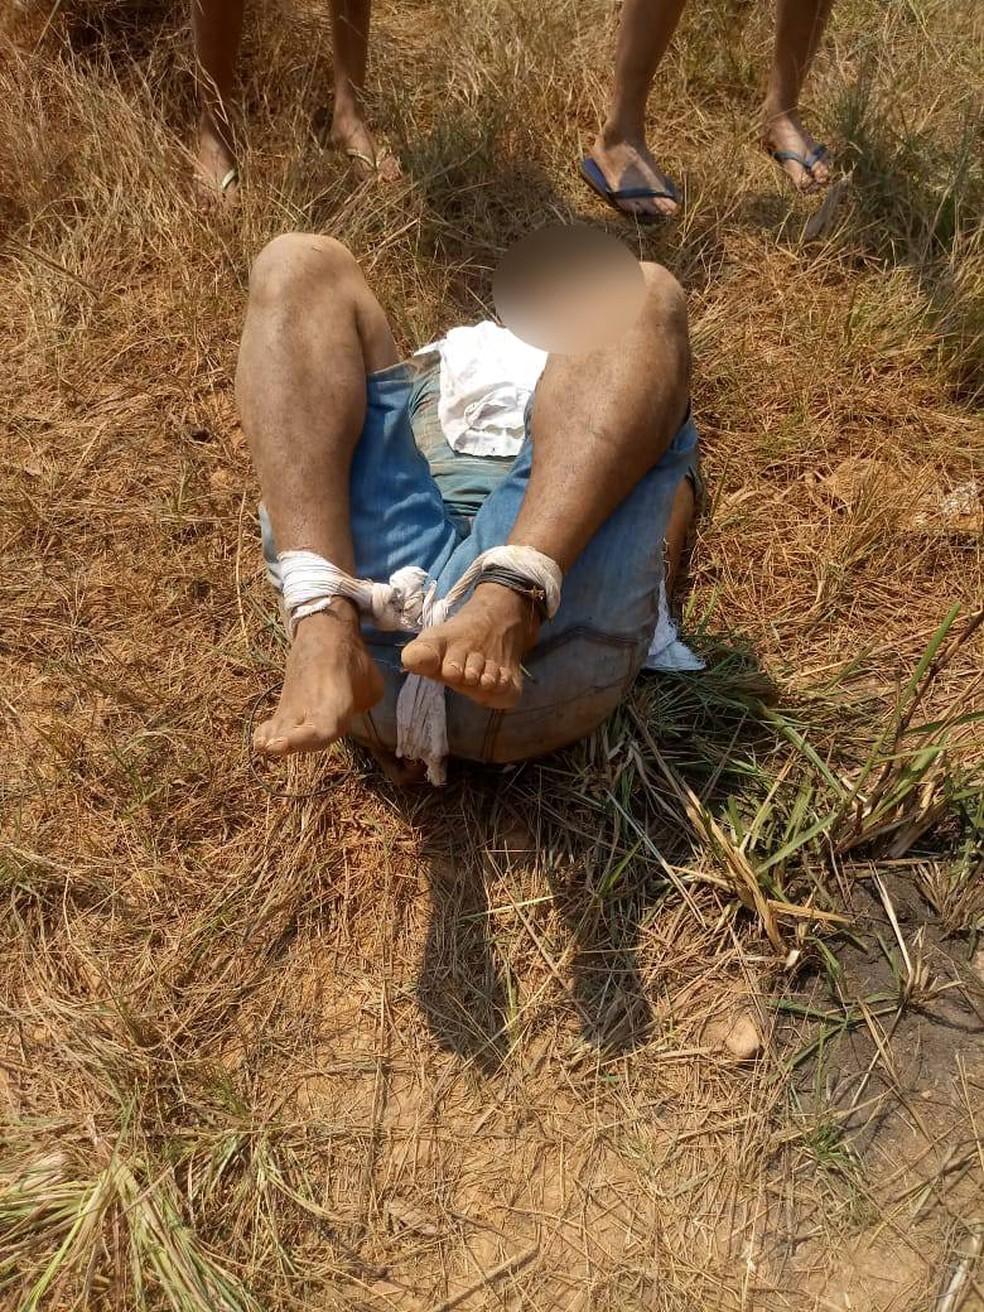 Homem tenta estuprar mulher que passeava com o filho, foi espancado e amarrado por moradores em Várzea Grande — Foto: Polícia Militar de Mato Grosso/Divulgação